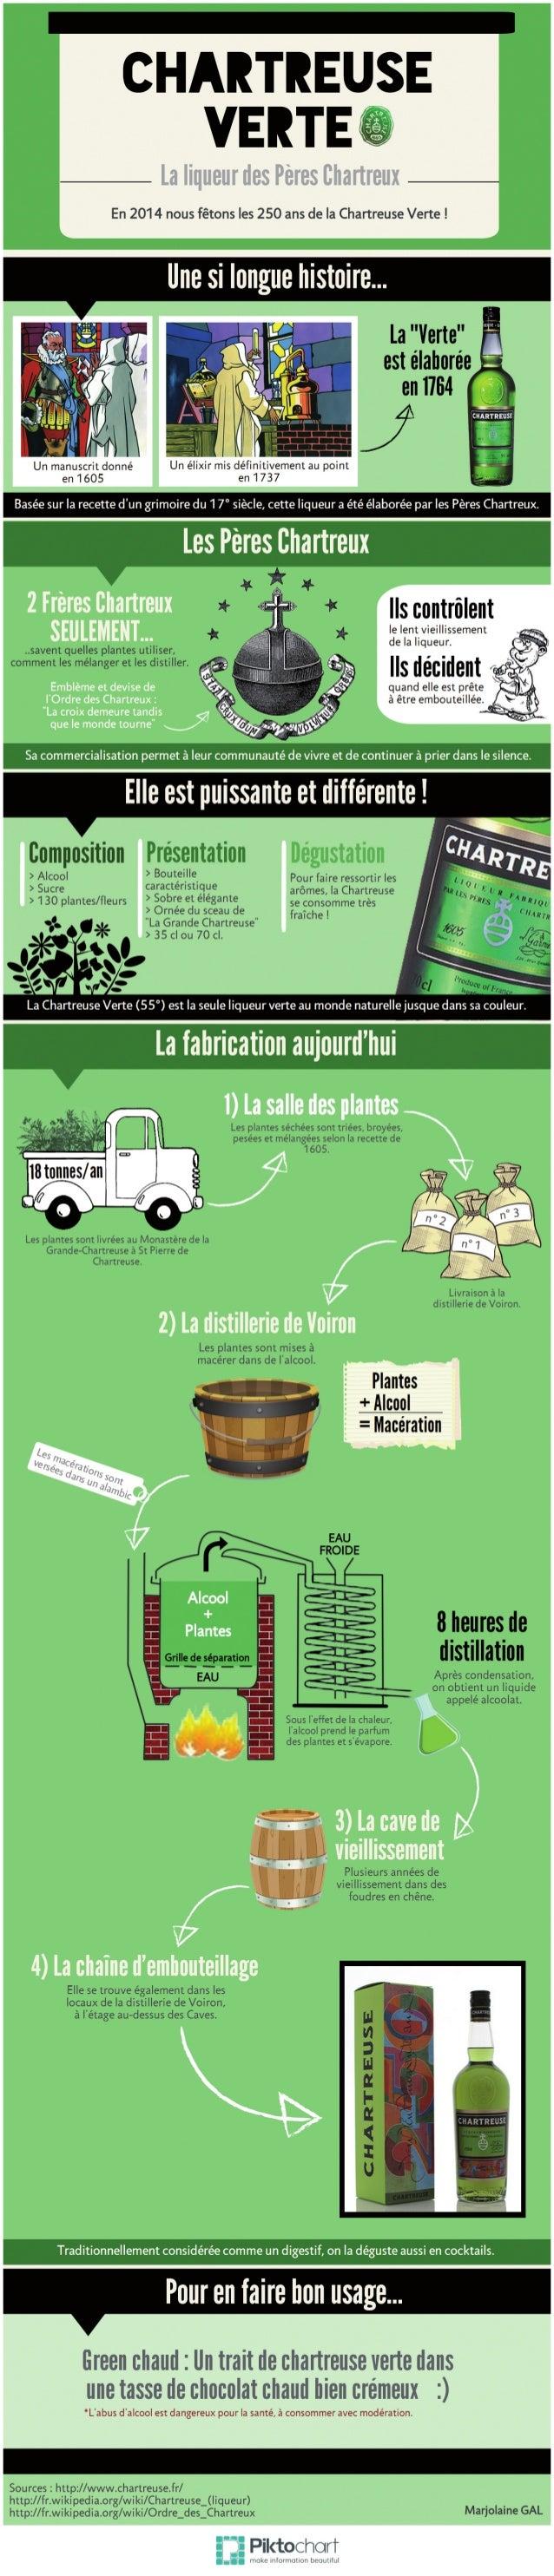 Infographie réalisée par Marjolaine GAL